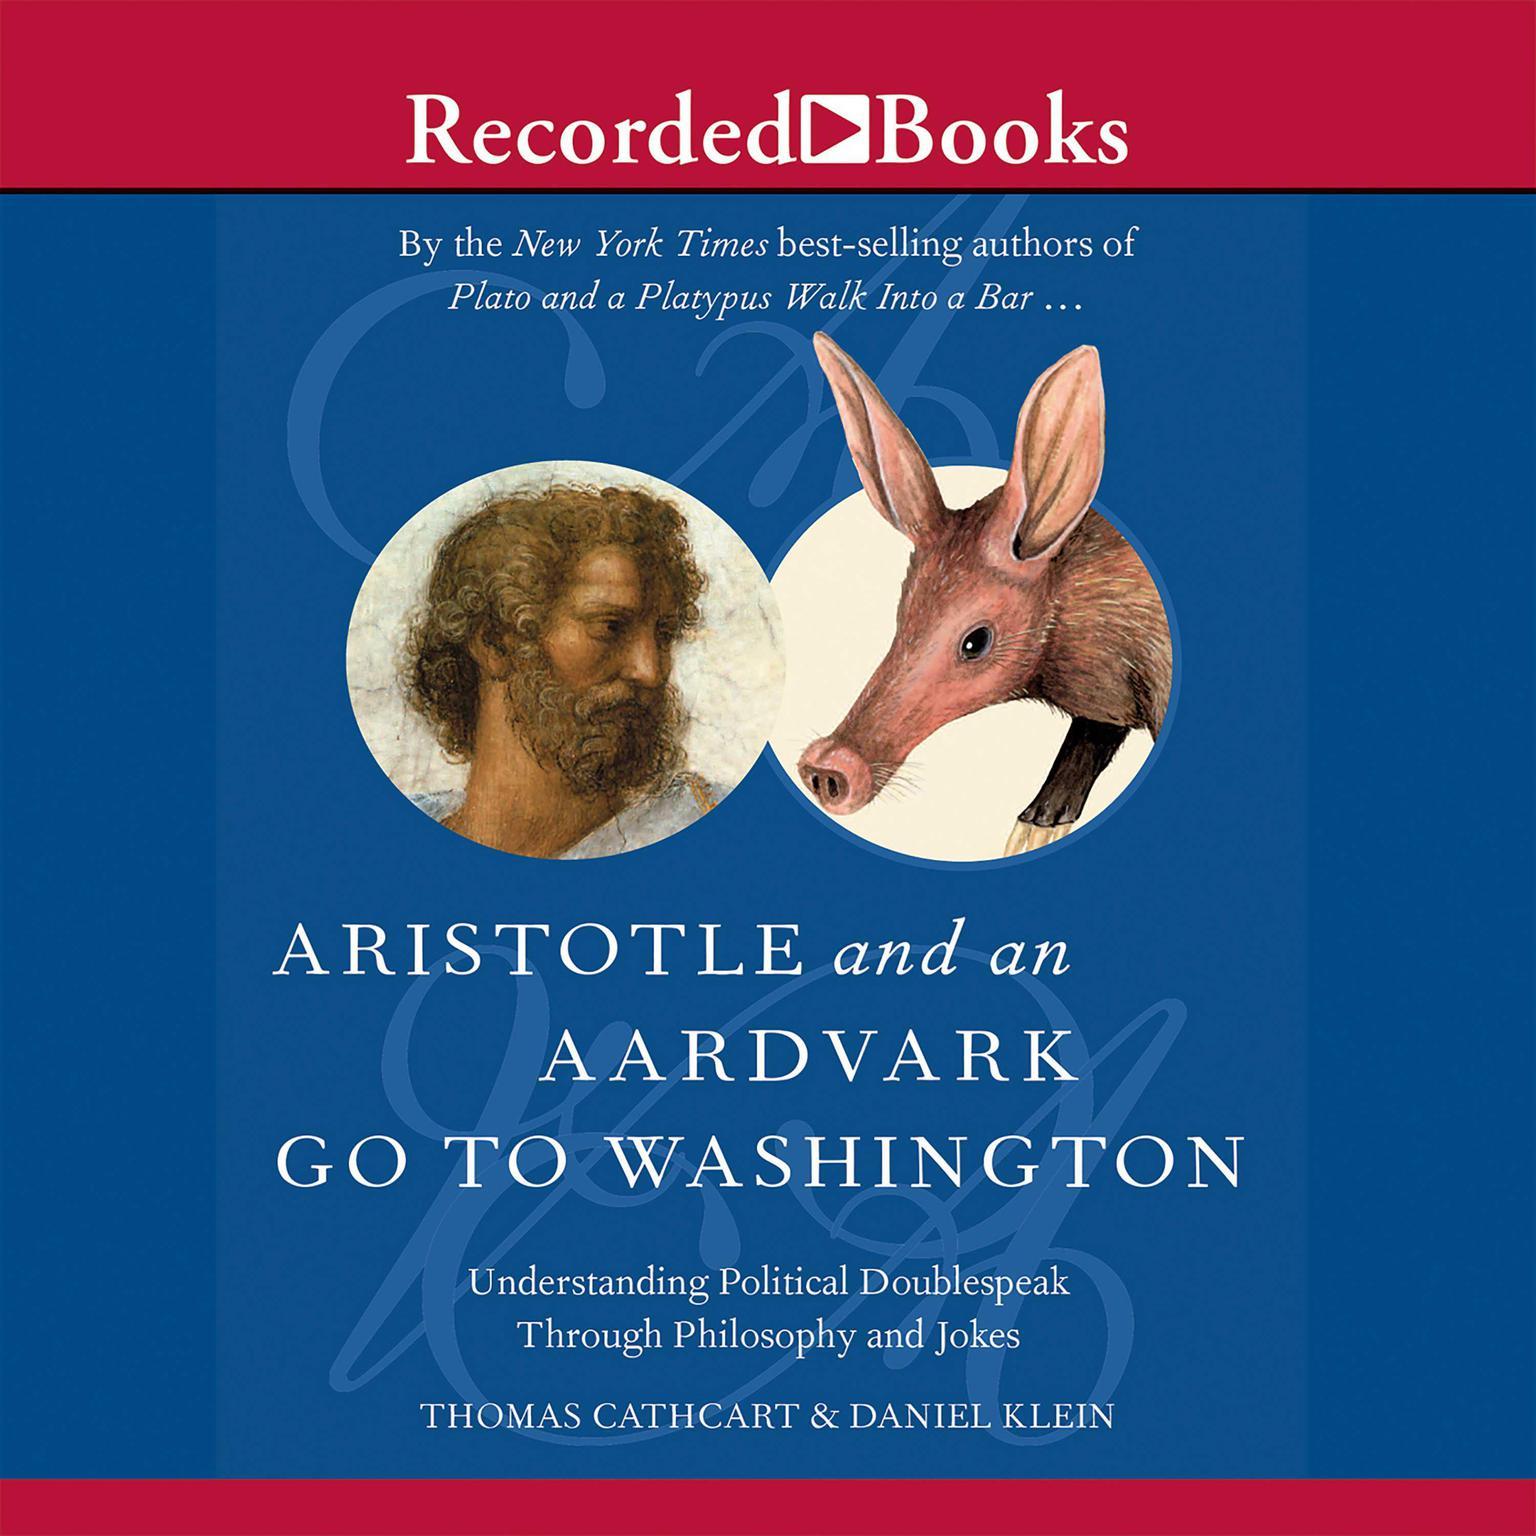 Aristotle and an Aardvark Go to Washington Audiobook, by Thomas Cathcart